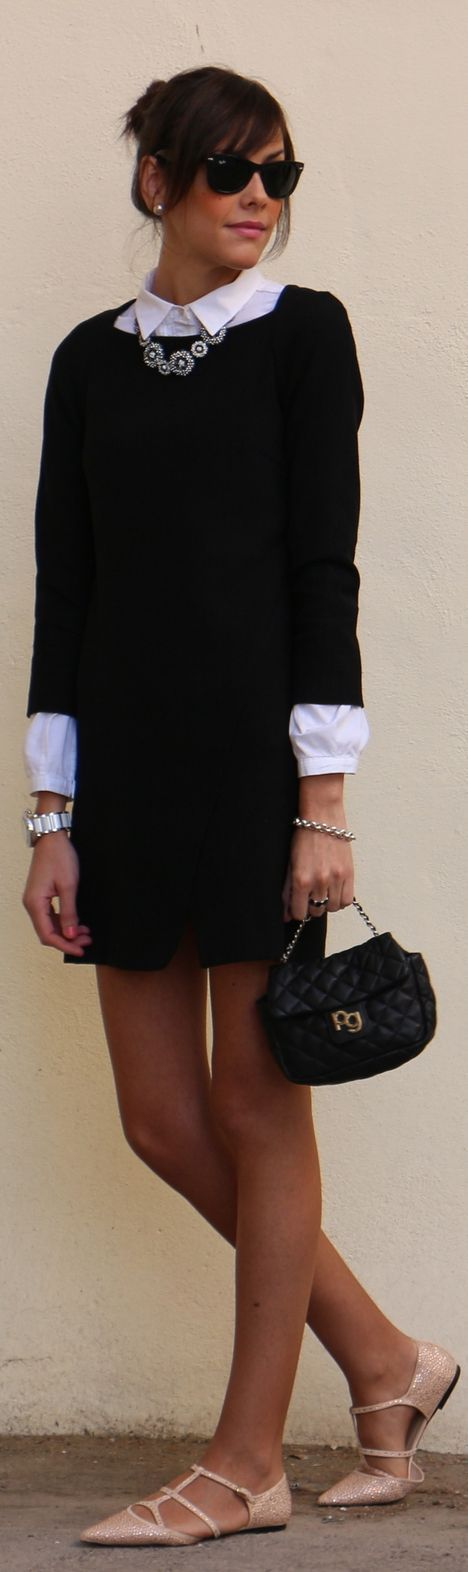 cum purtam tinutele formale intr-un mod casual